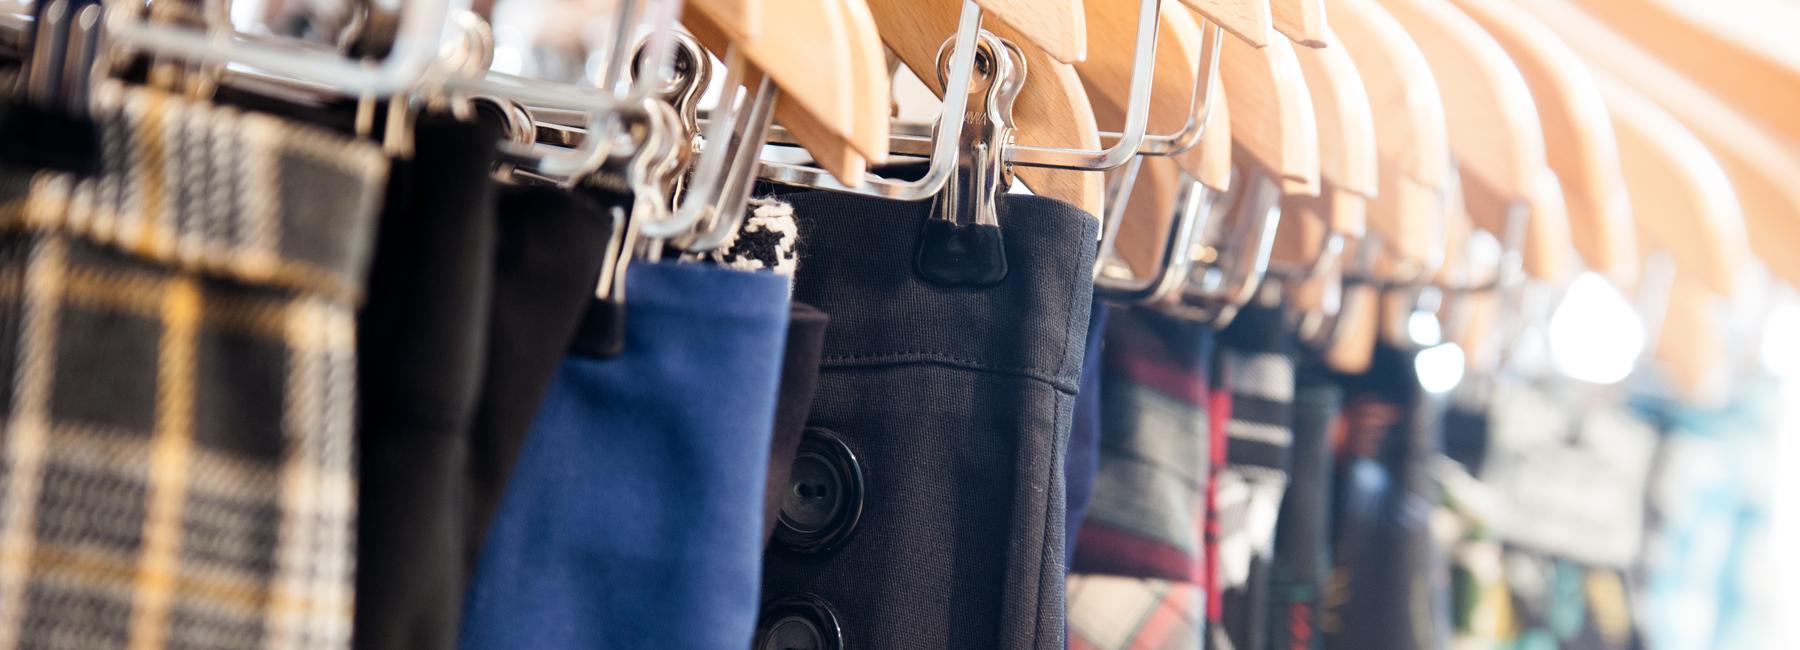 In unserem Onlineshop finden Sie eine große Auswahl an engen Röcken, weiten Röcken, Pencilröcken, Pinup-Röcken, Petticoatröcken, Tellerröcken und Swingtanz-Röcken sowie Petticoats im 50er Jahre Stil.